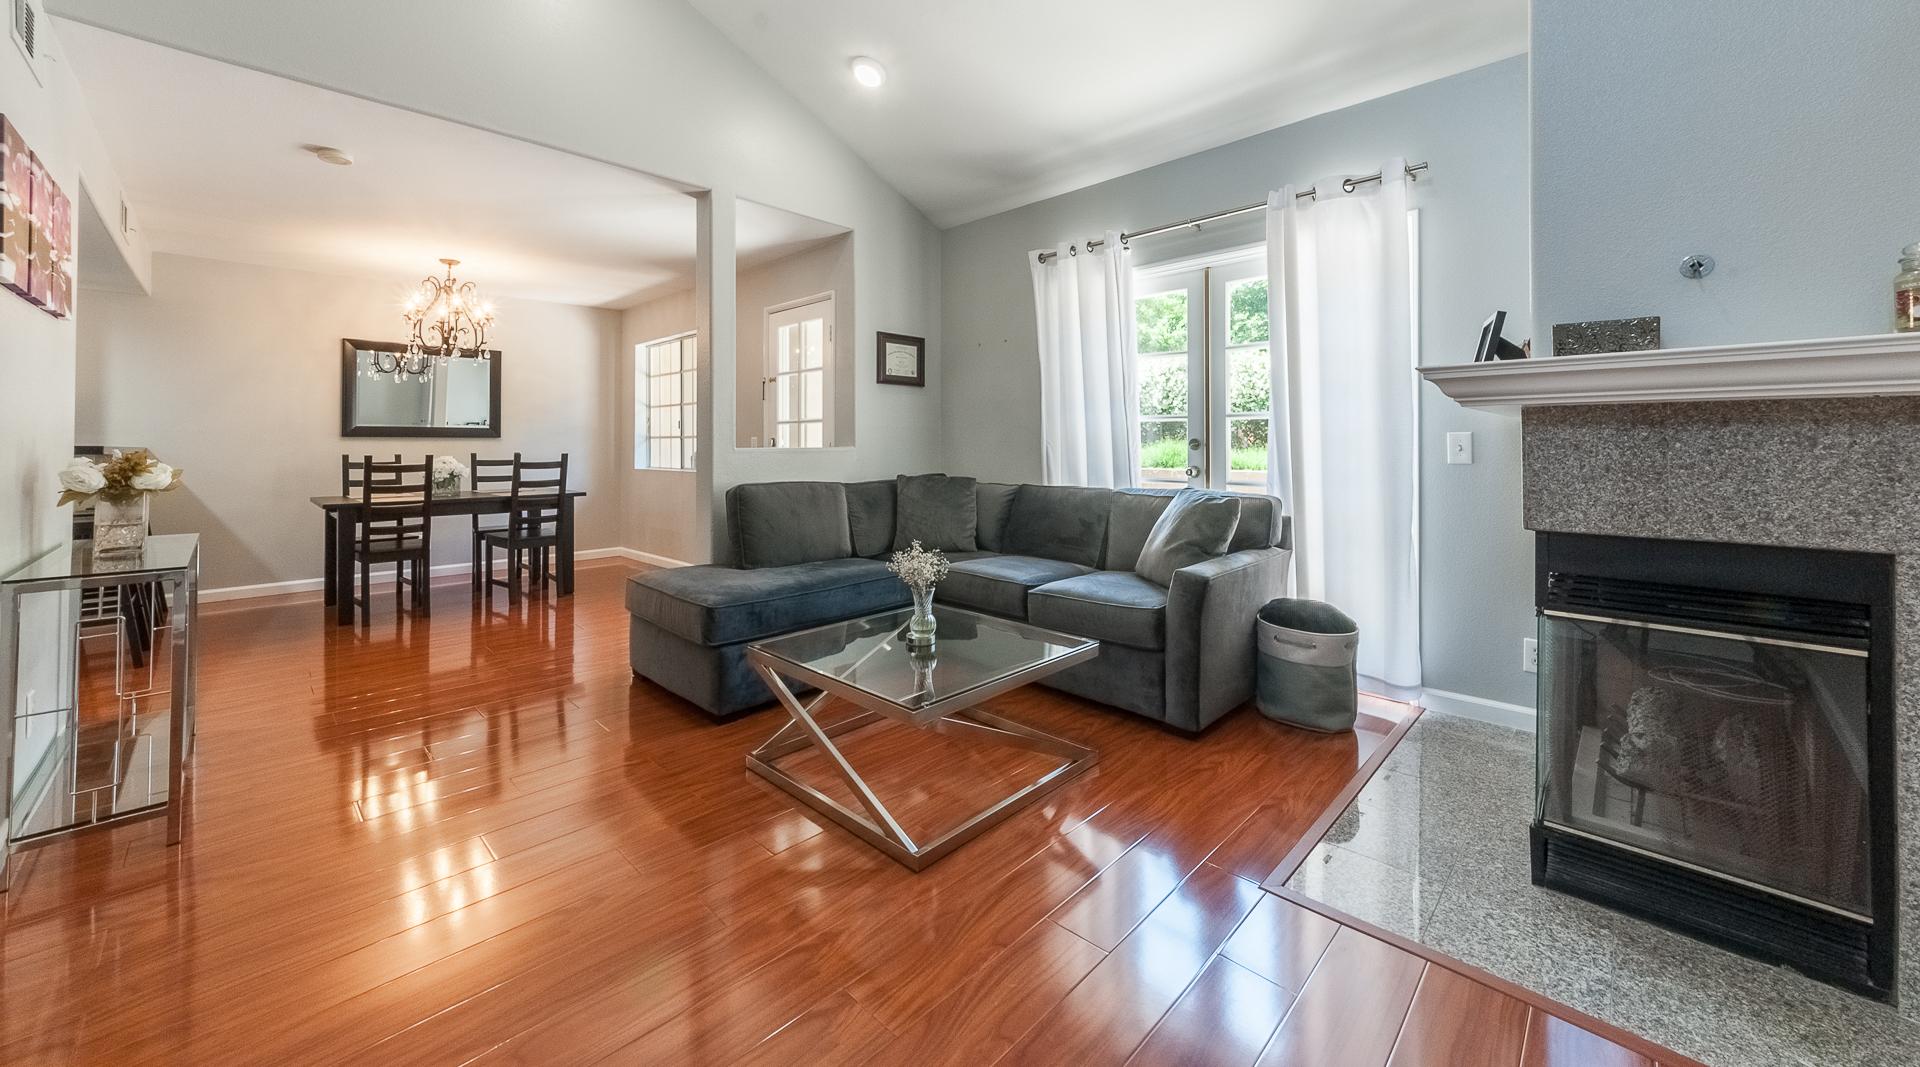 5 - Best Living Room